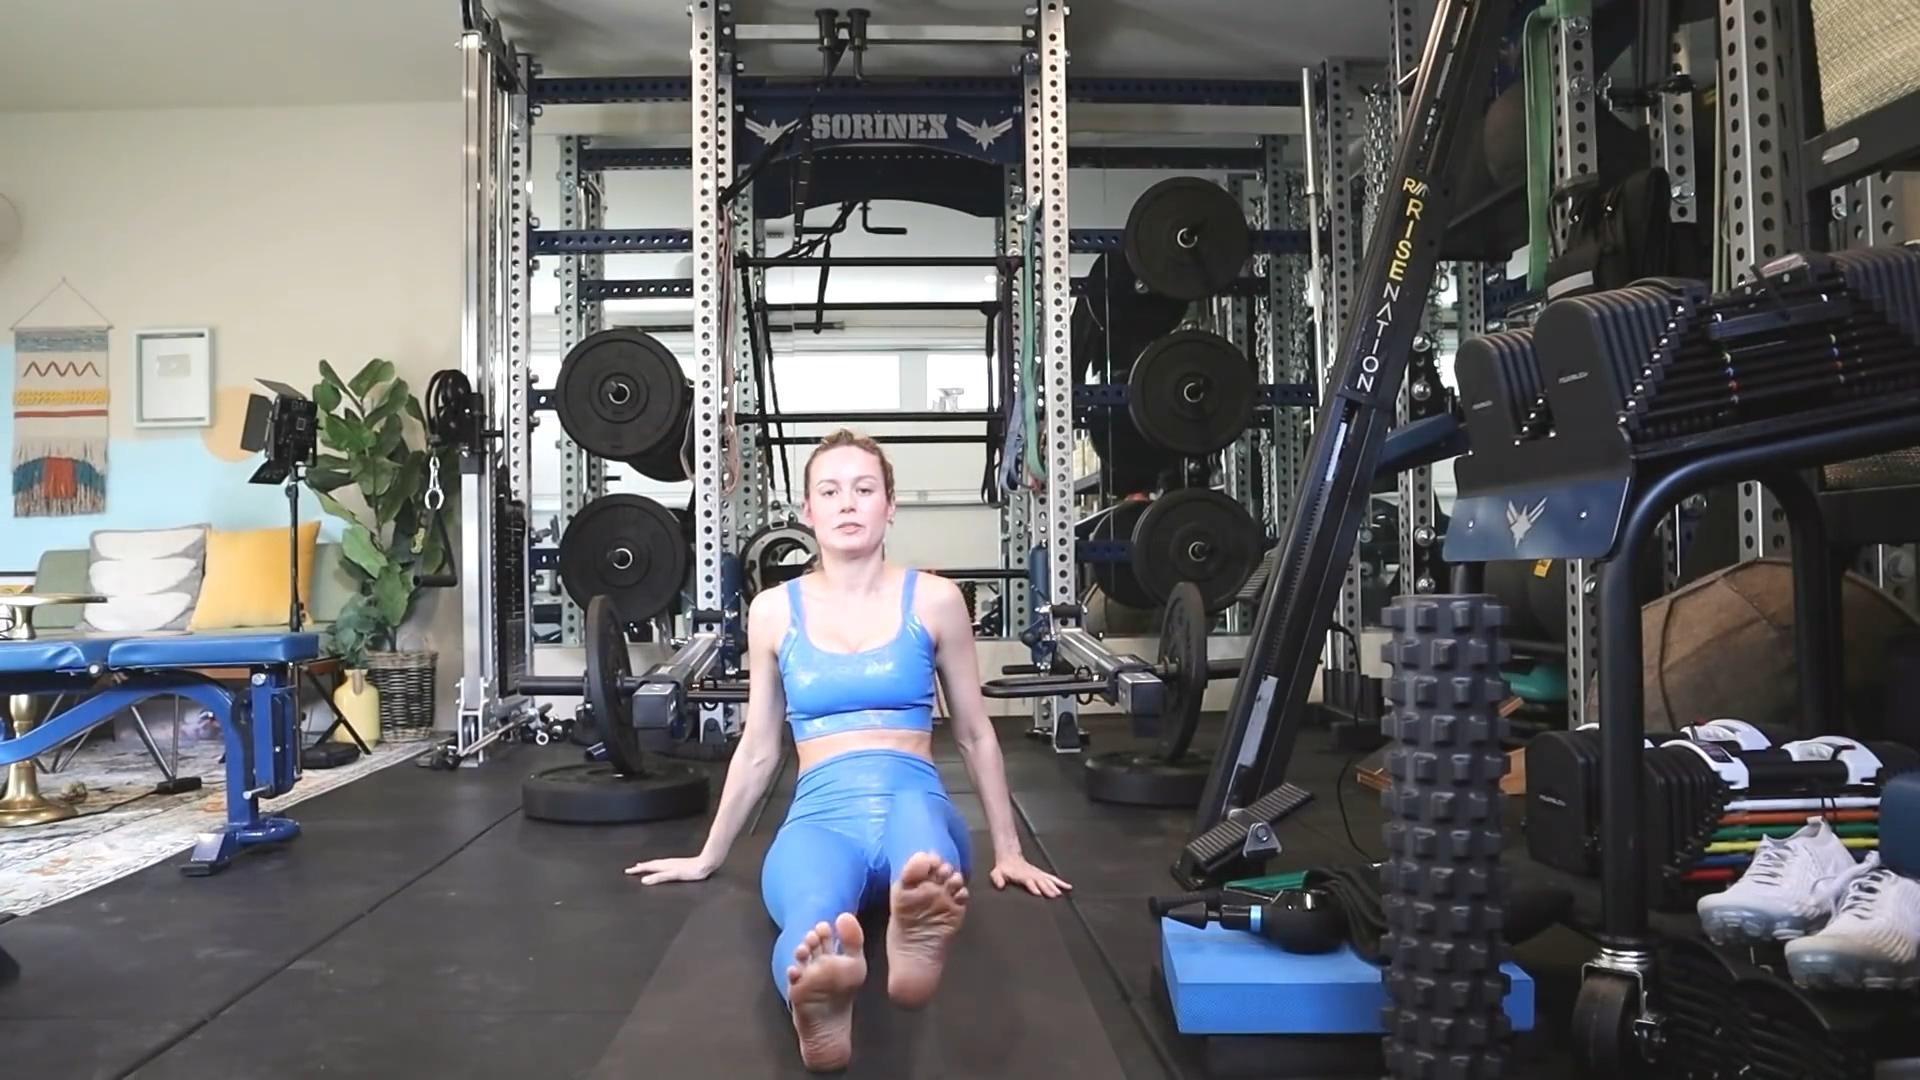 Larson wikifeet brie Celebrity Legs